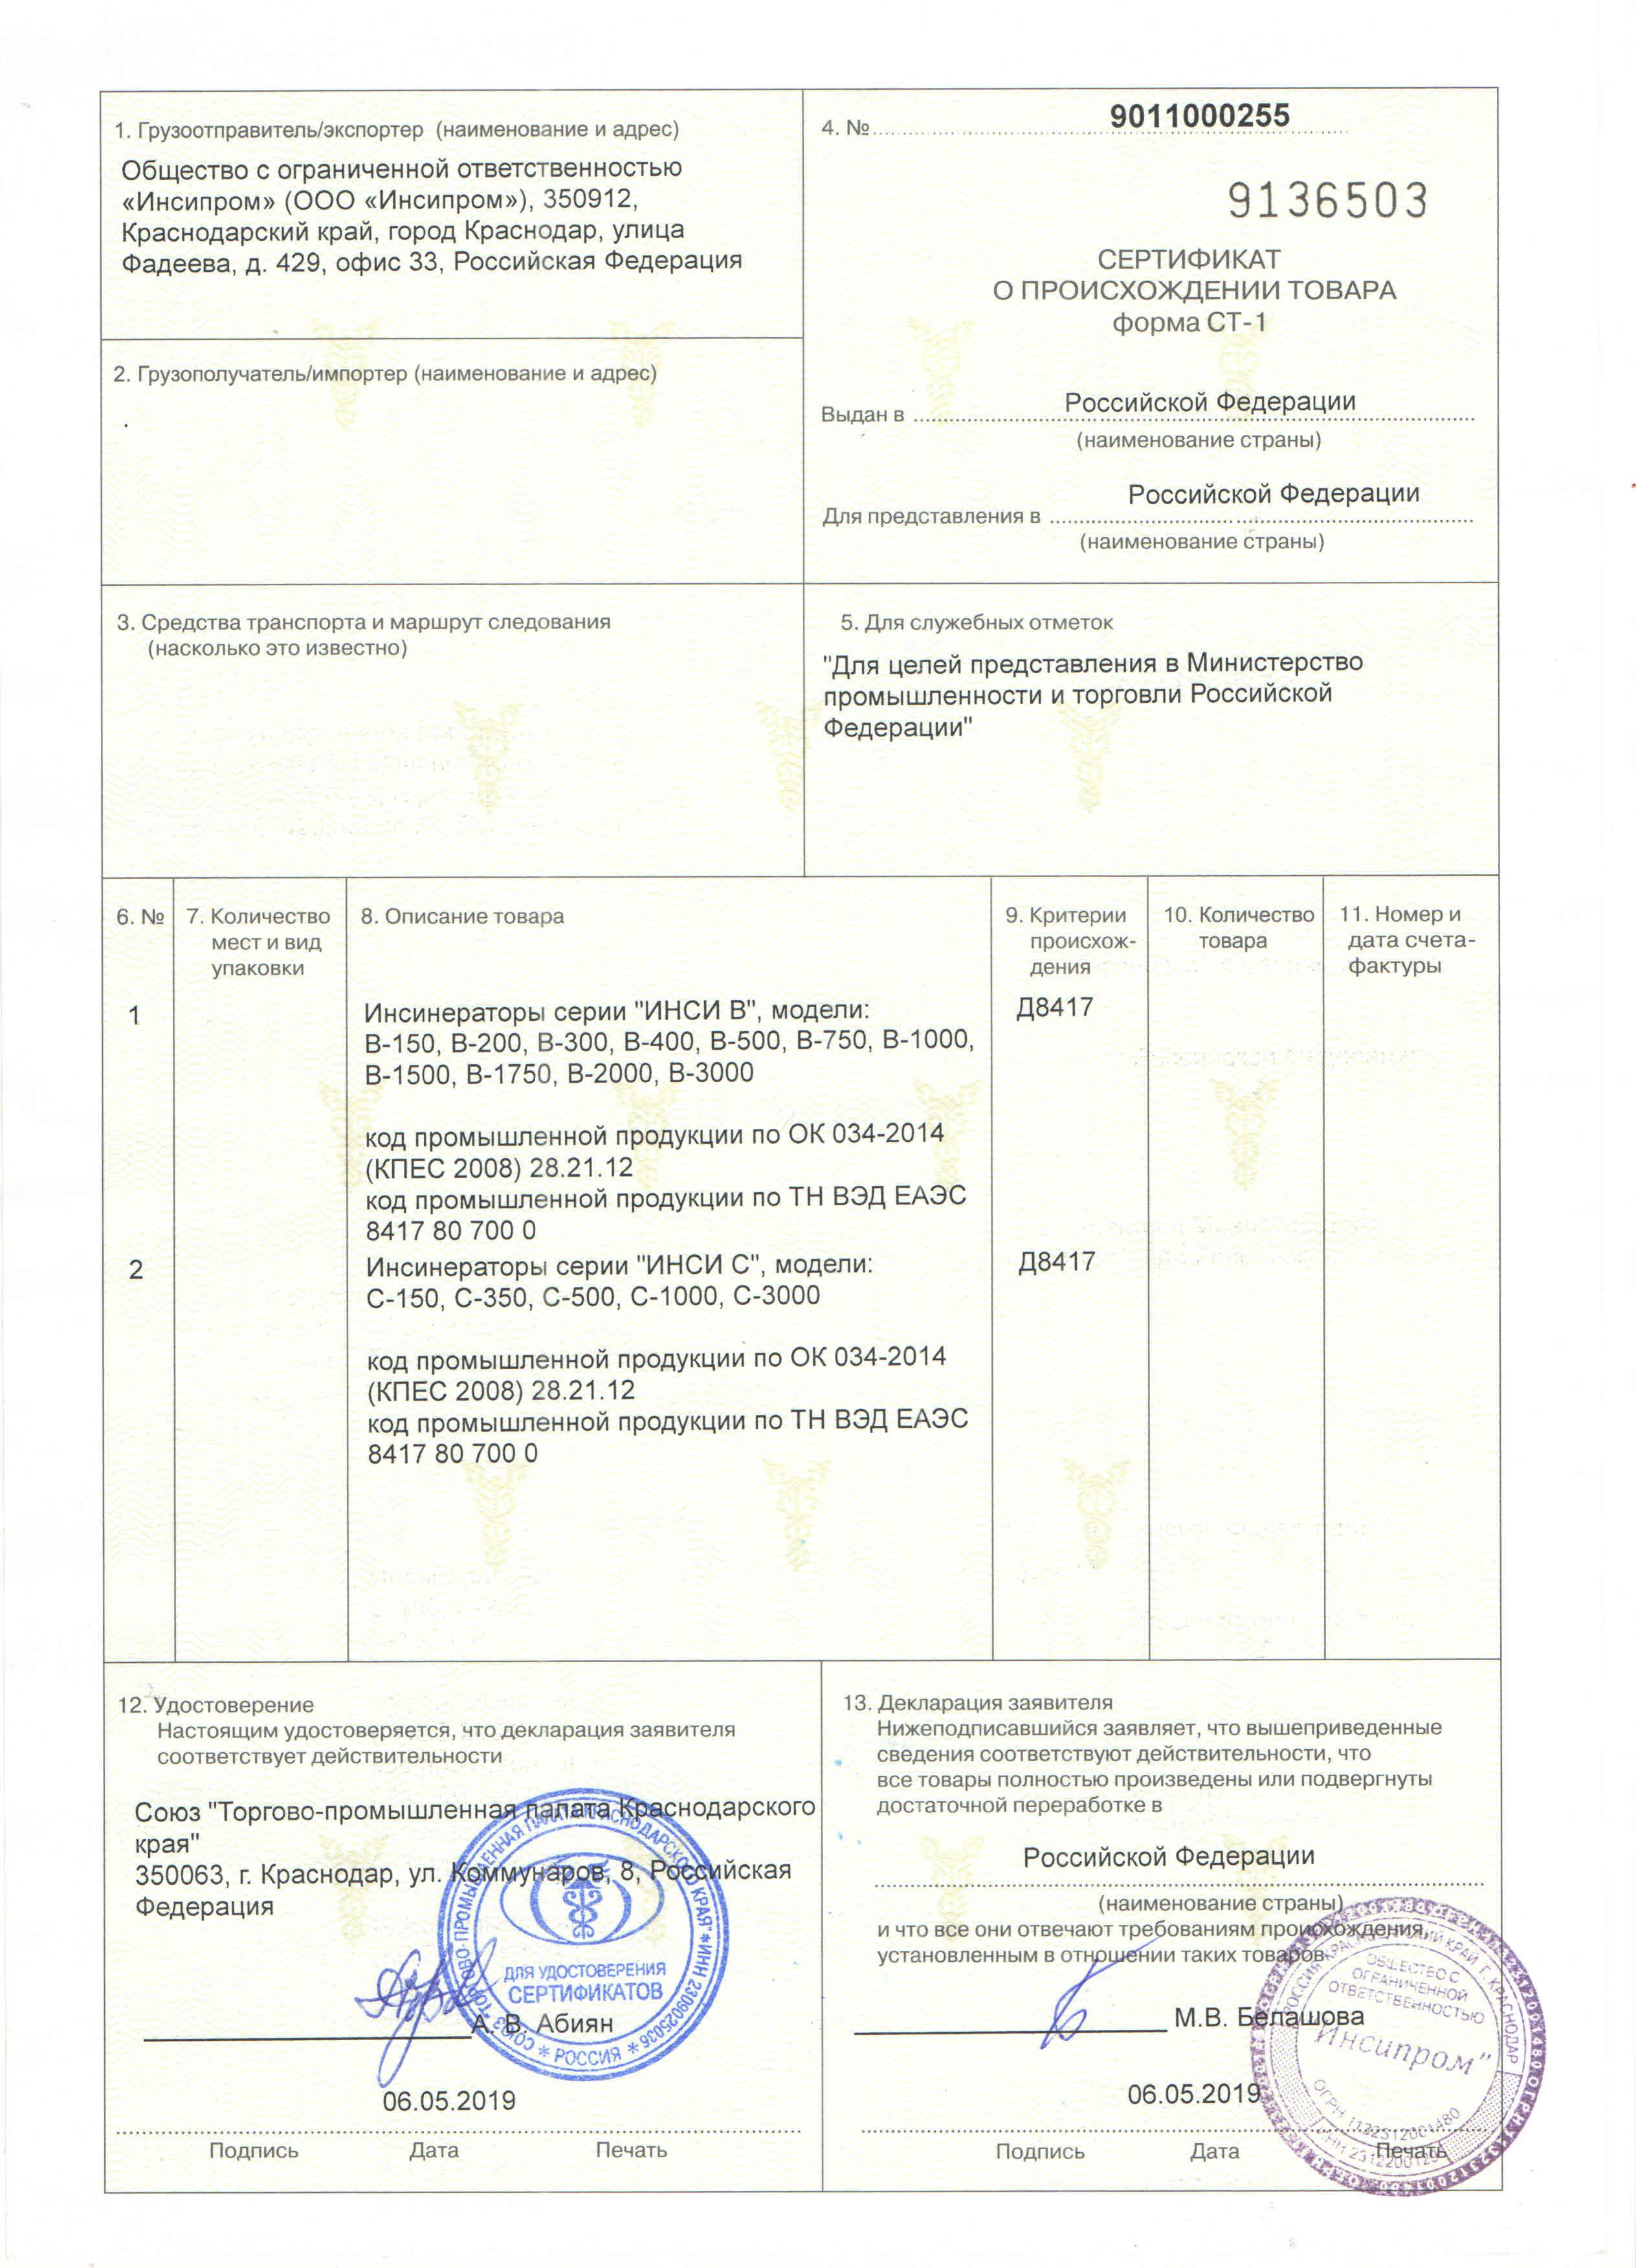 Выдача сертификата происхождения   сертификат происхождения товара ст-1   получить сертификат происхождения товара